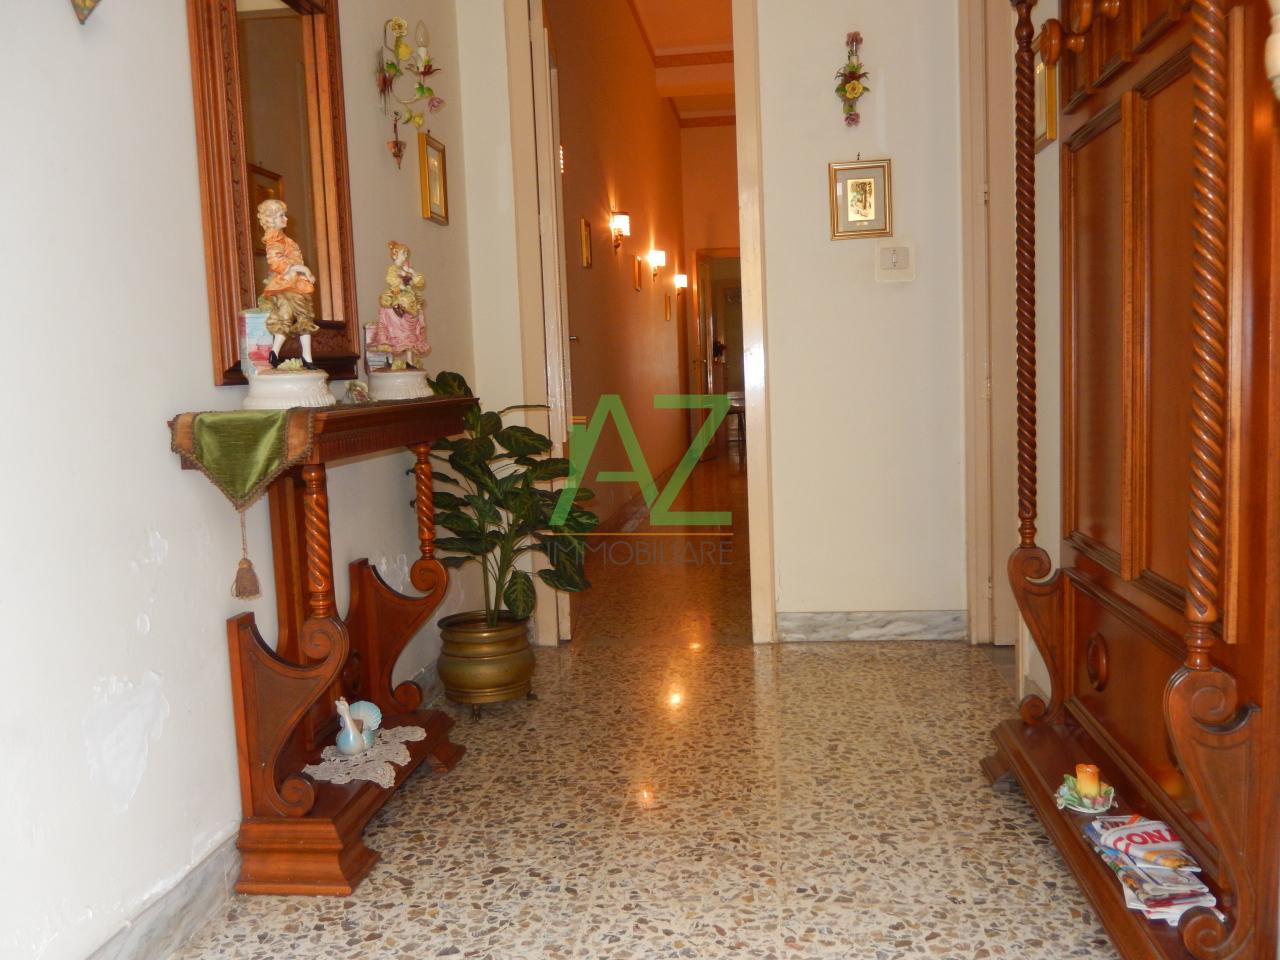 Soluzione Indipendente in affitto a Santa Venerina, 2 locali, prezzo € 450 | Cambio Casa.it